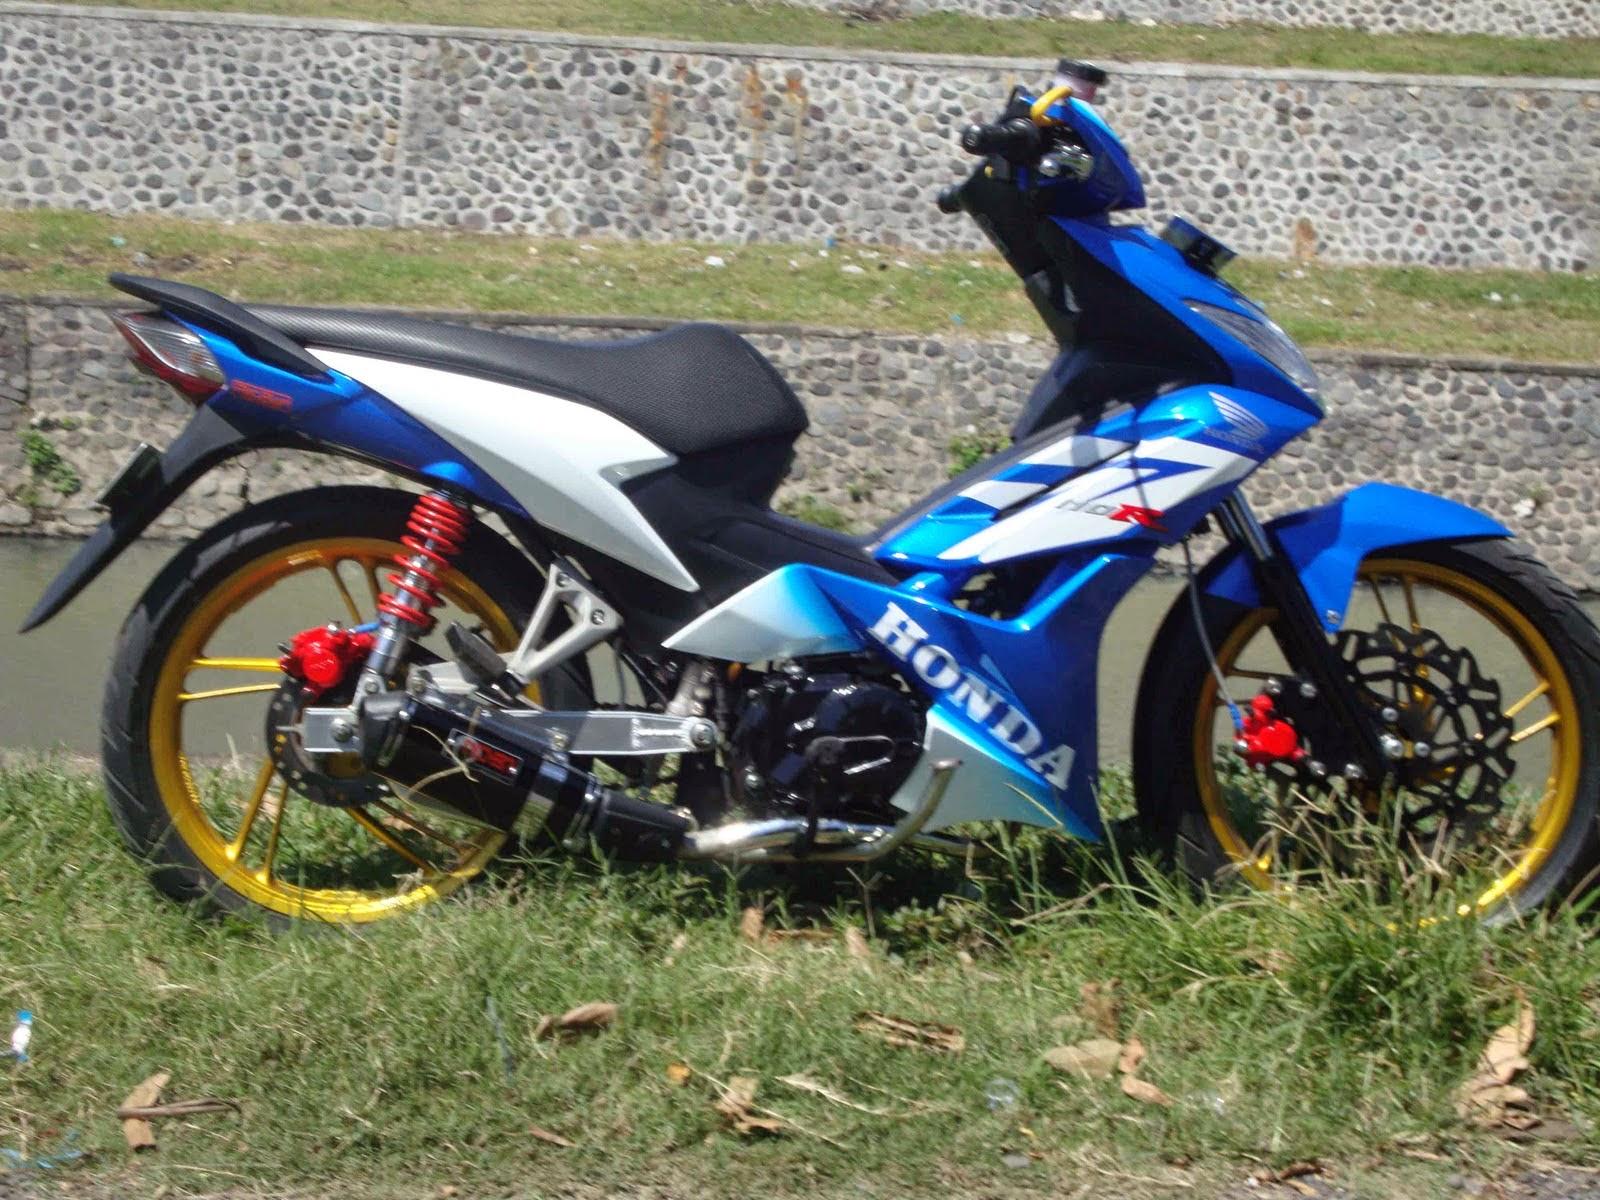 Modifikasi Motor Honda Blade